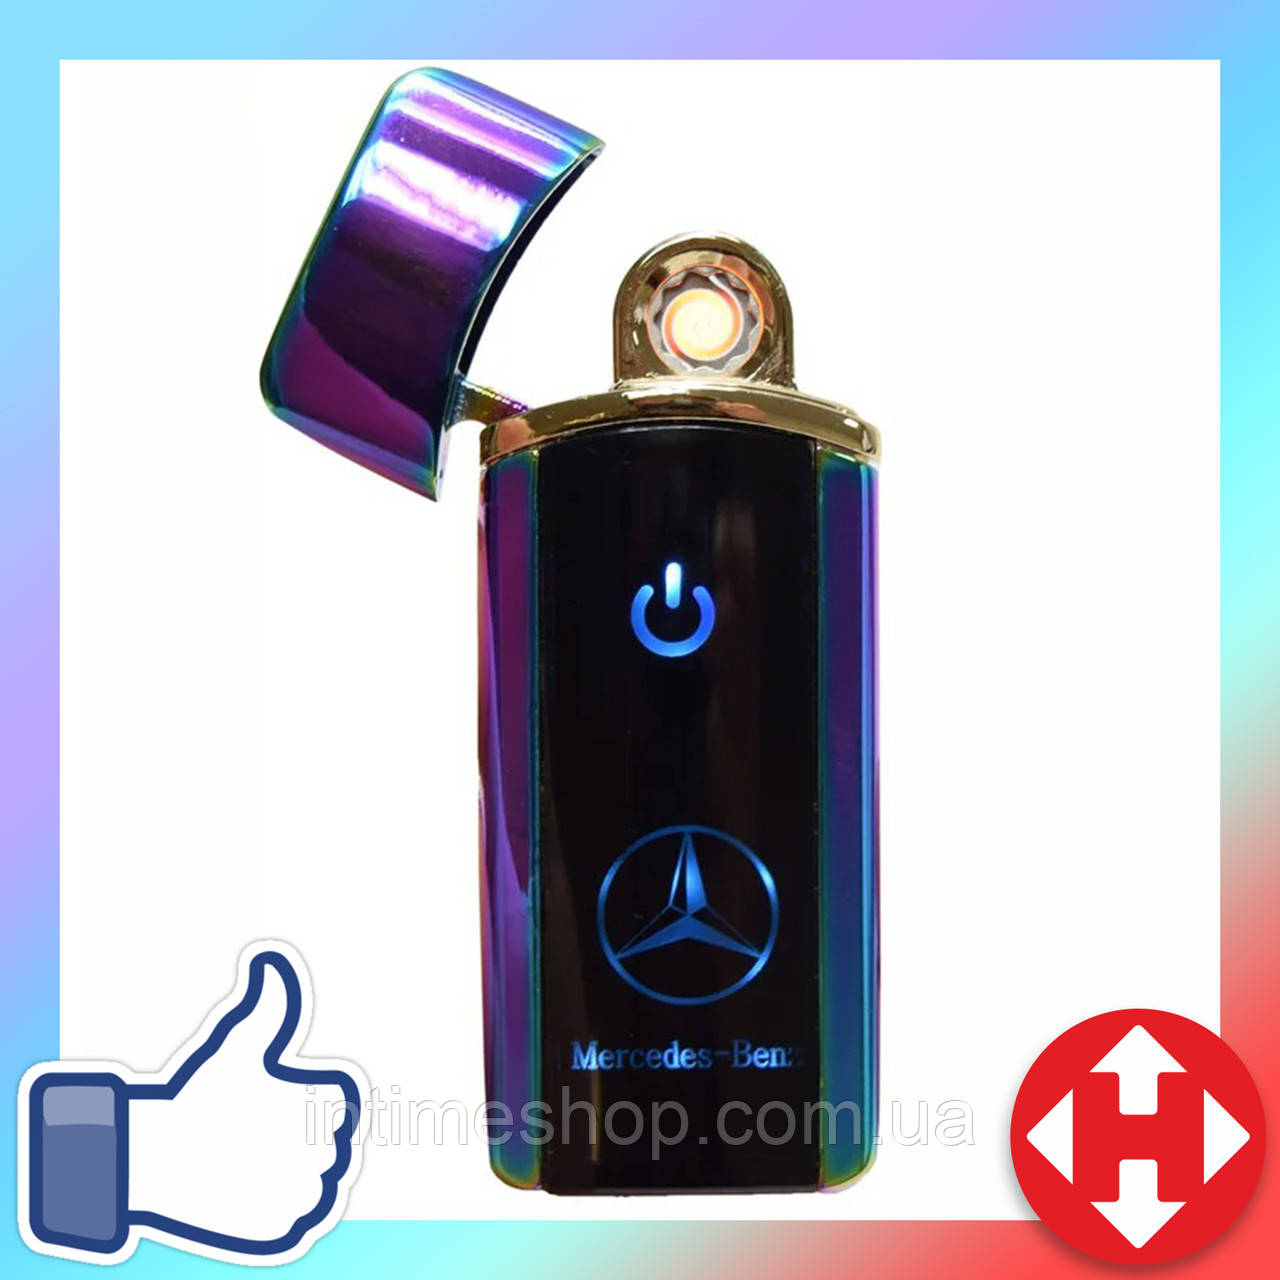 Распродажа! Электронная сенсорная зажигалка Classic Fashionable Mercedes (5403 H1) Фиолетовая, аккумуляторная